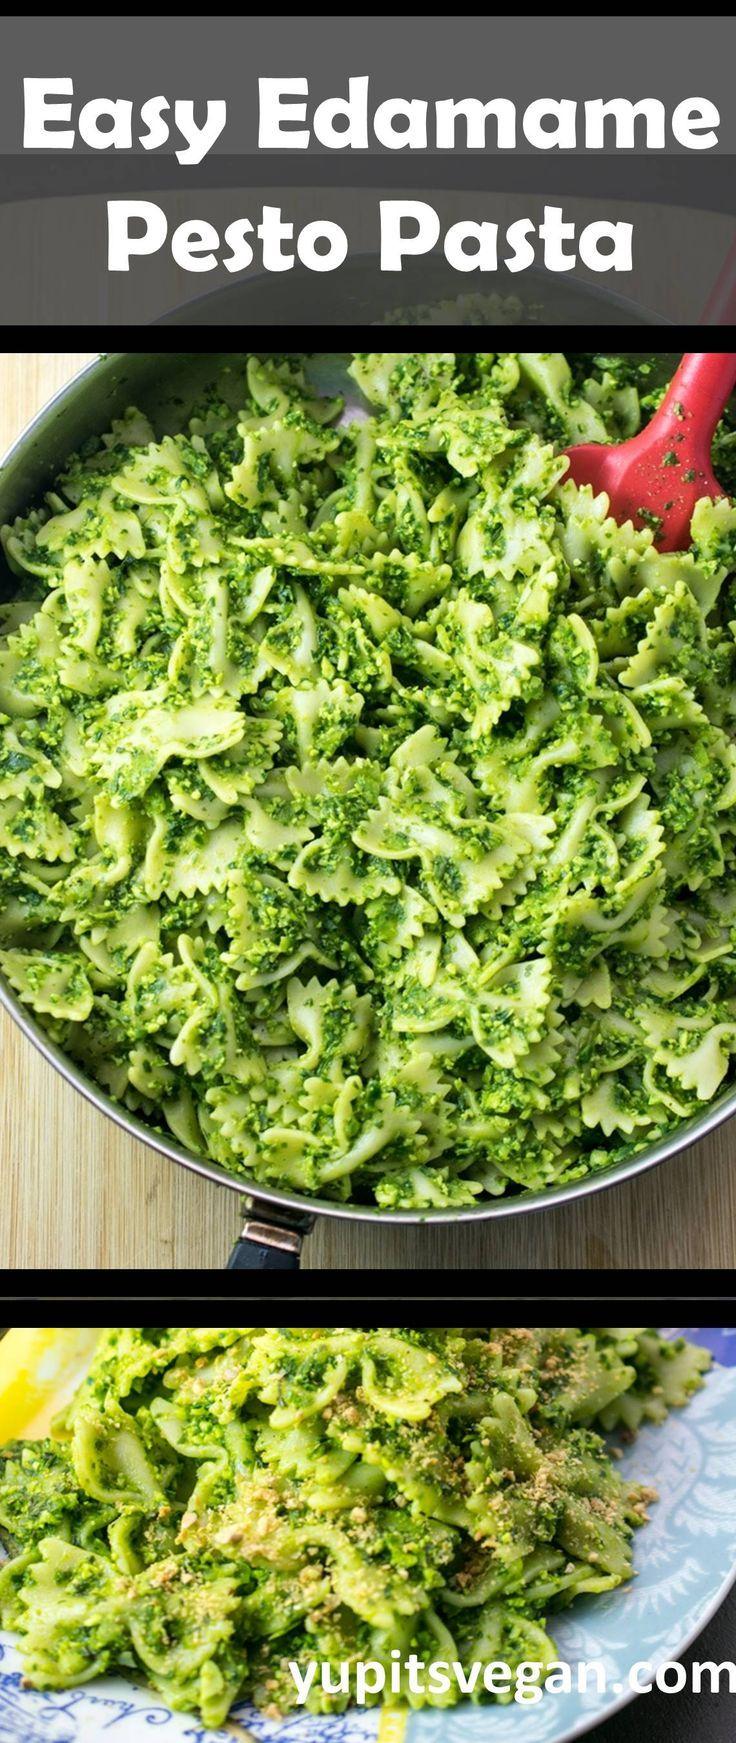 Edamame Pesto Pasta Yup Its Vegan Vegan And Dairyfree